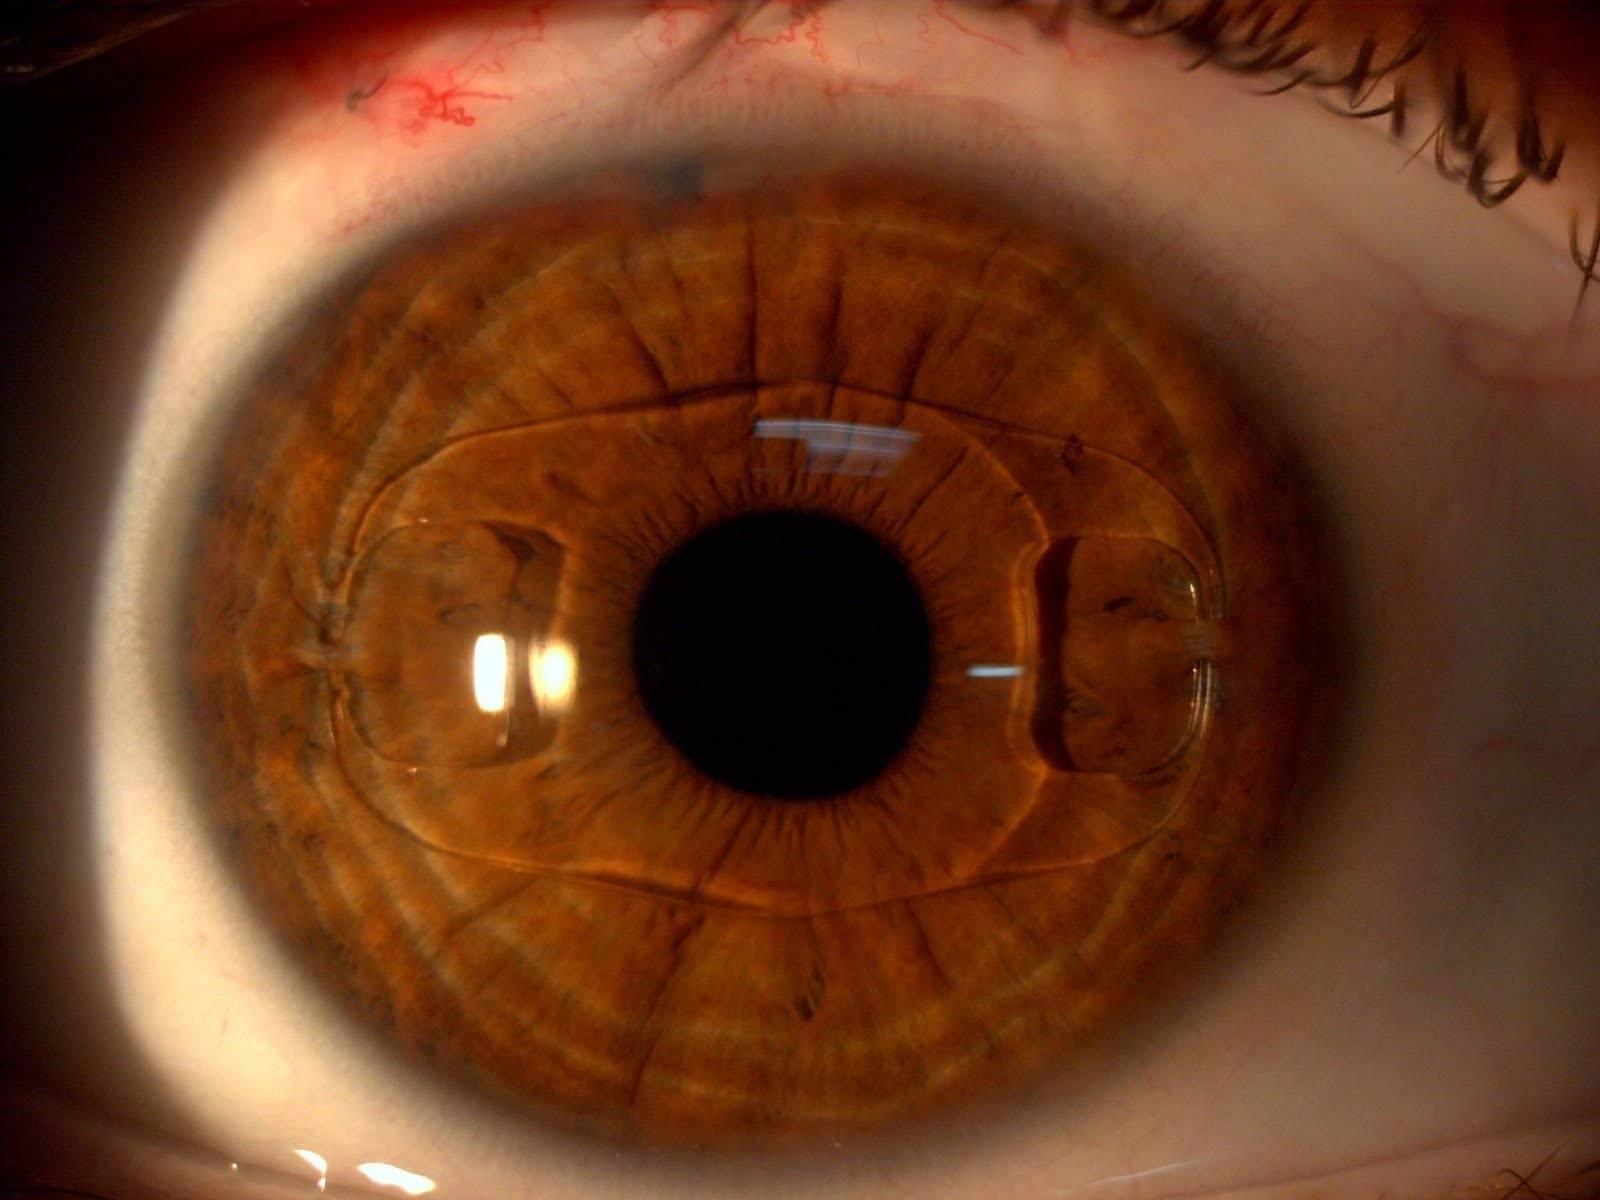 Пелена перед глазами: причины и методы диагностики